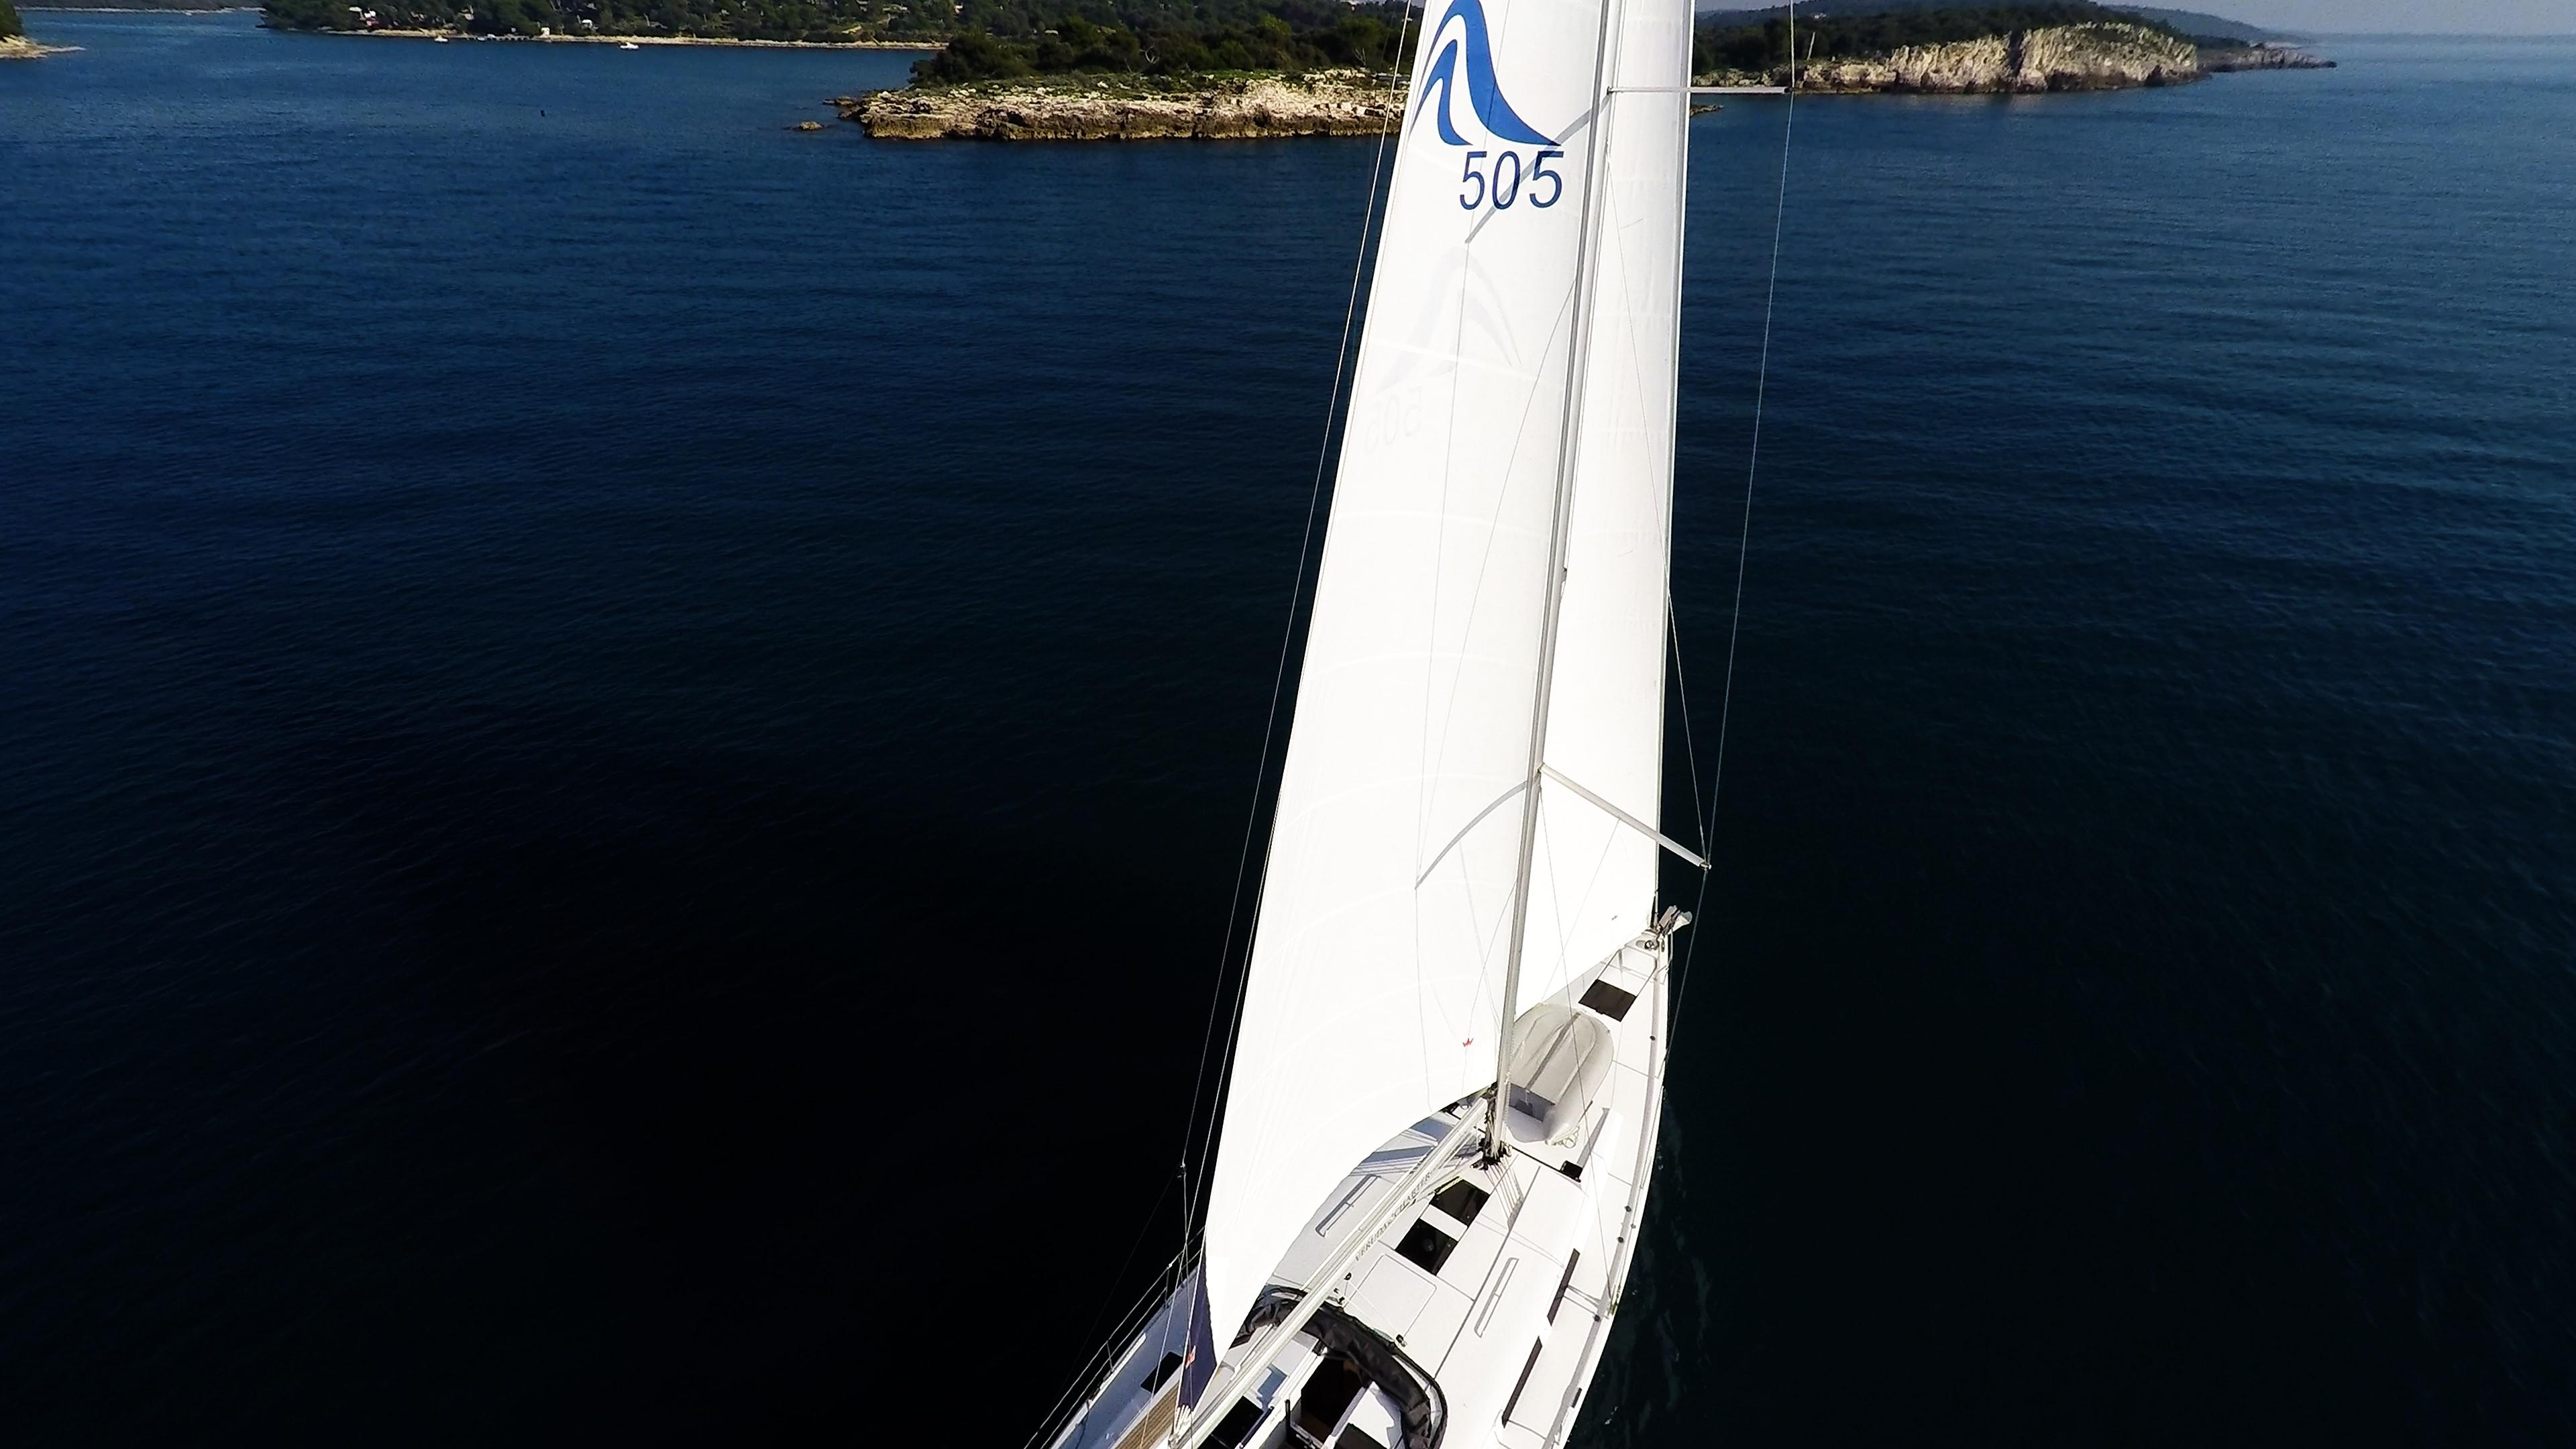 barcha a vela Hanse 505 yacht a vela vele della barca a vela mare blu isole